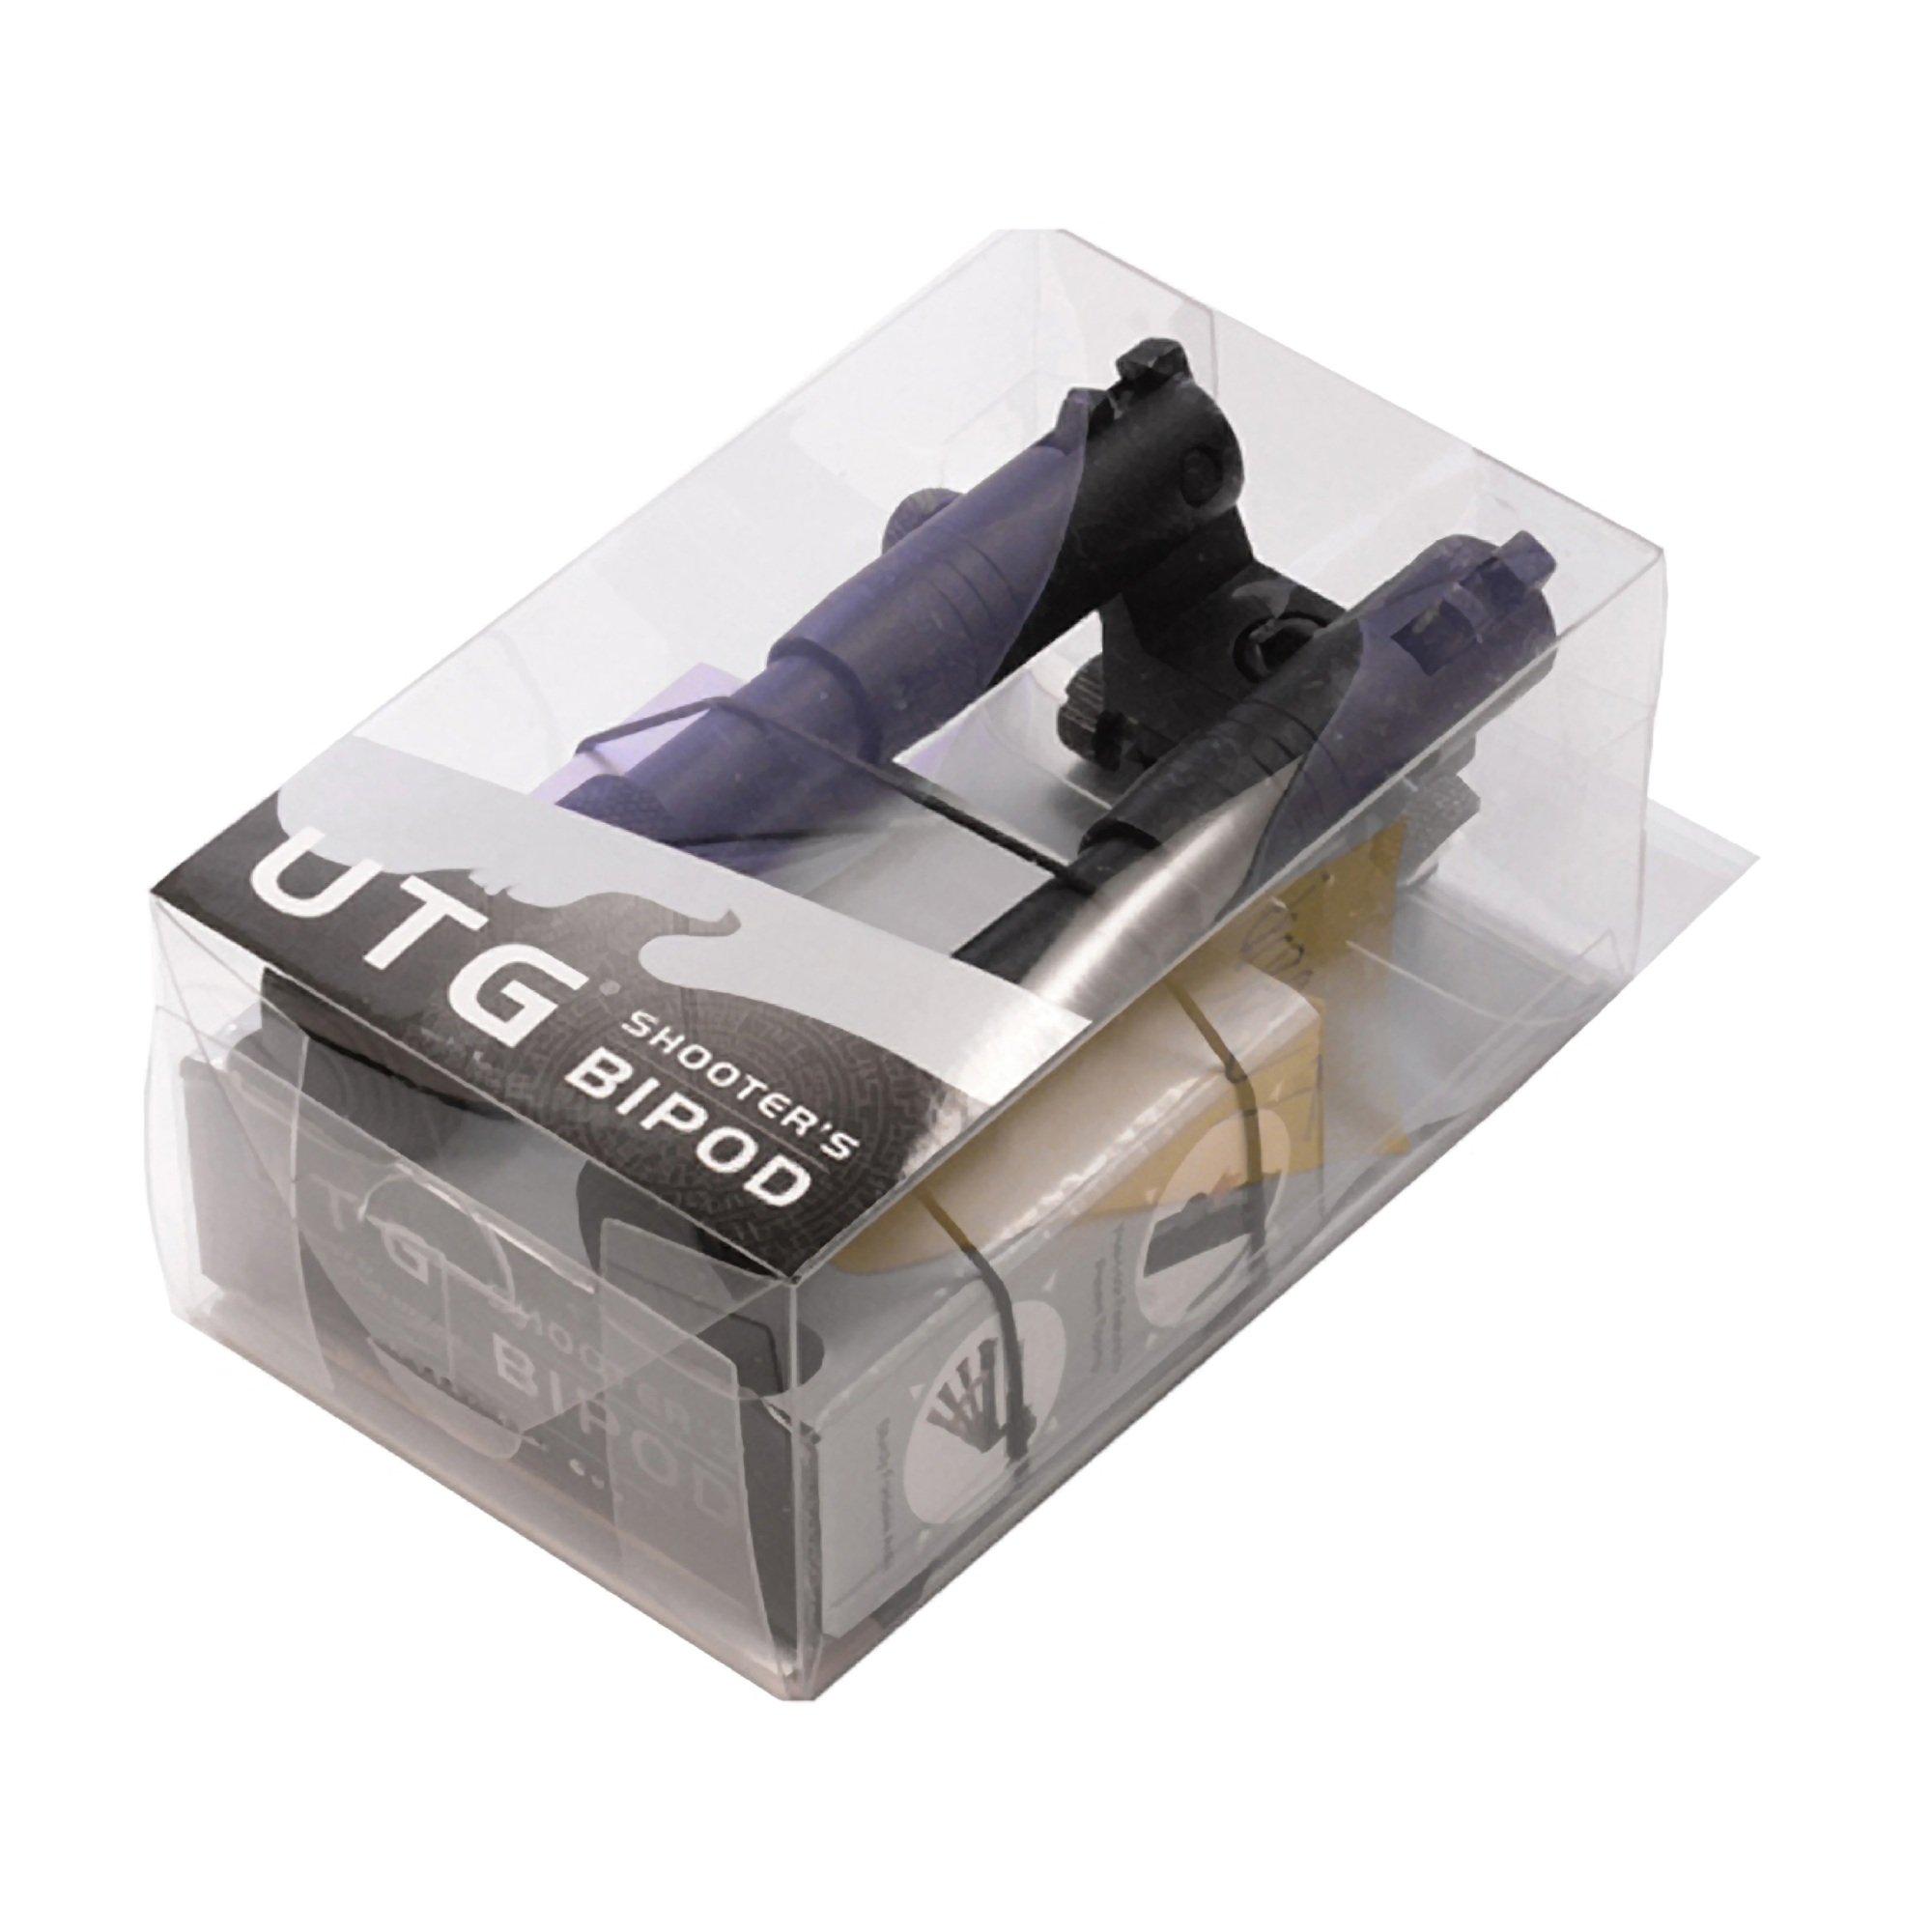 UTG Shooter's SWAT Bipod, Rubber Feet, Height 6.2''-6.7'' by UTG